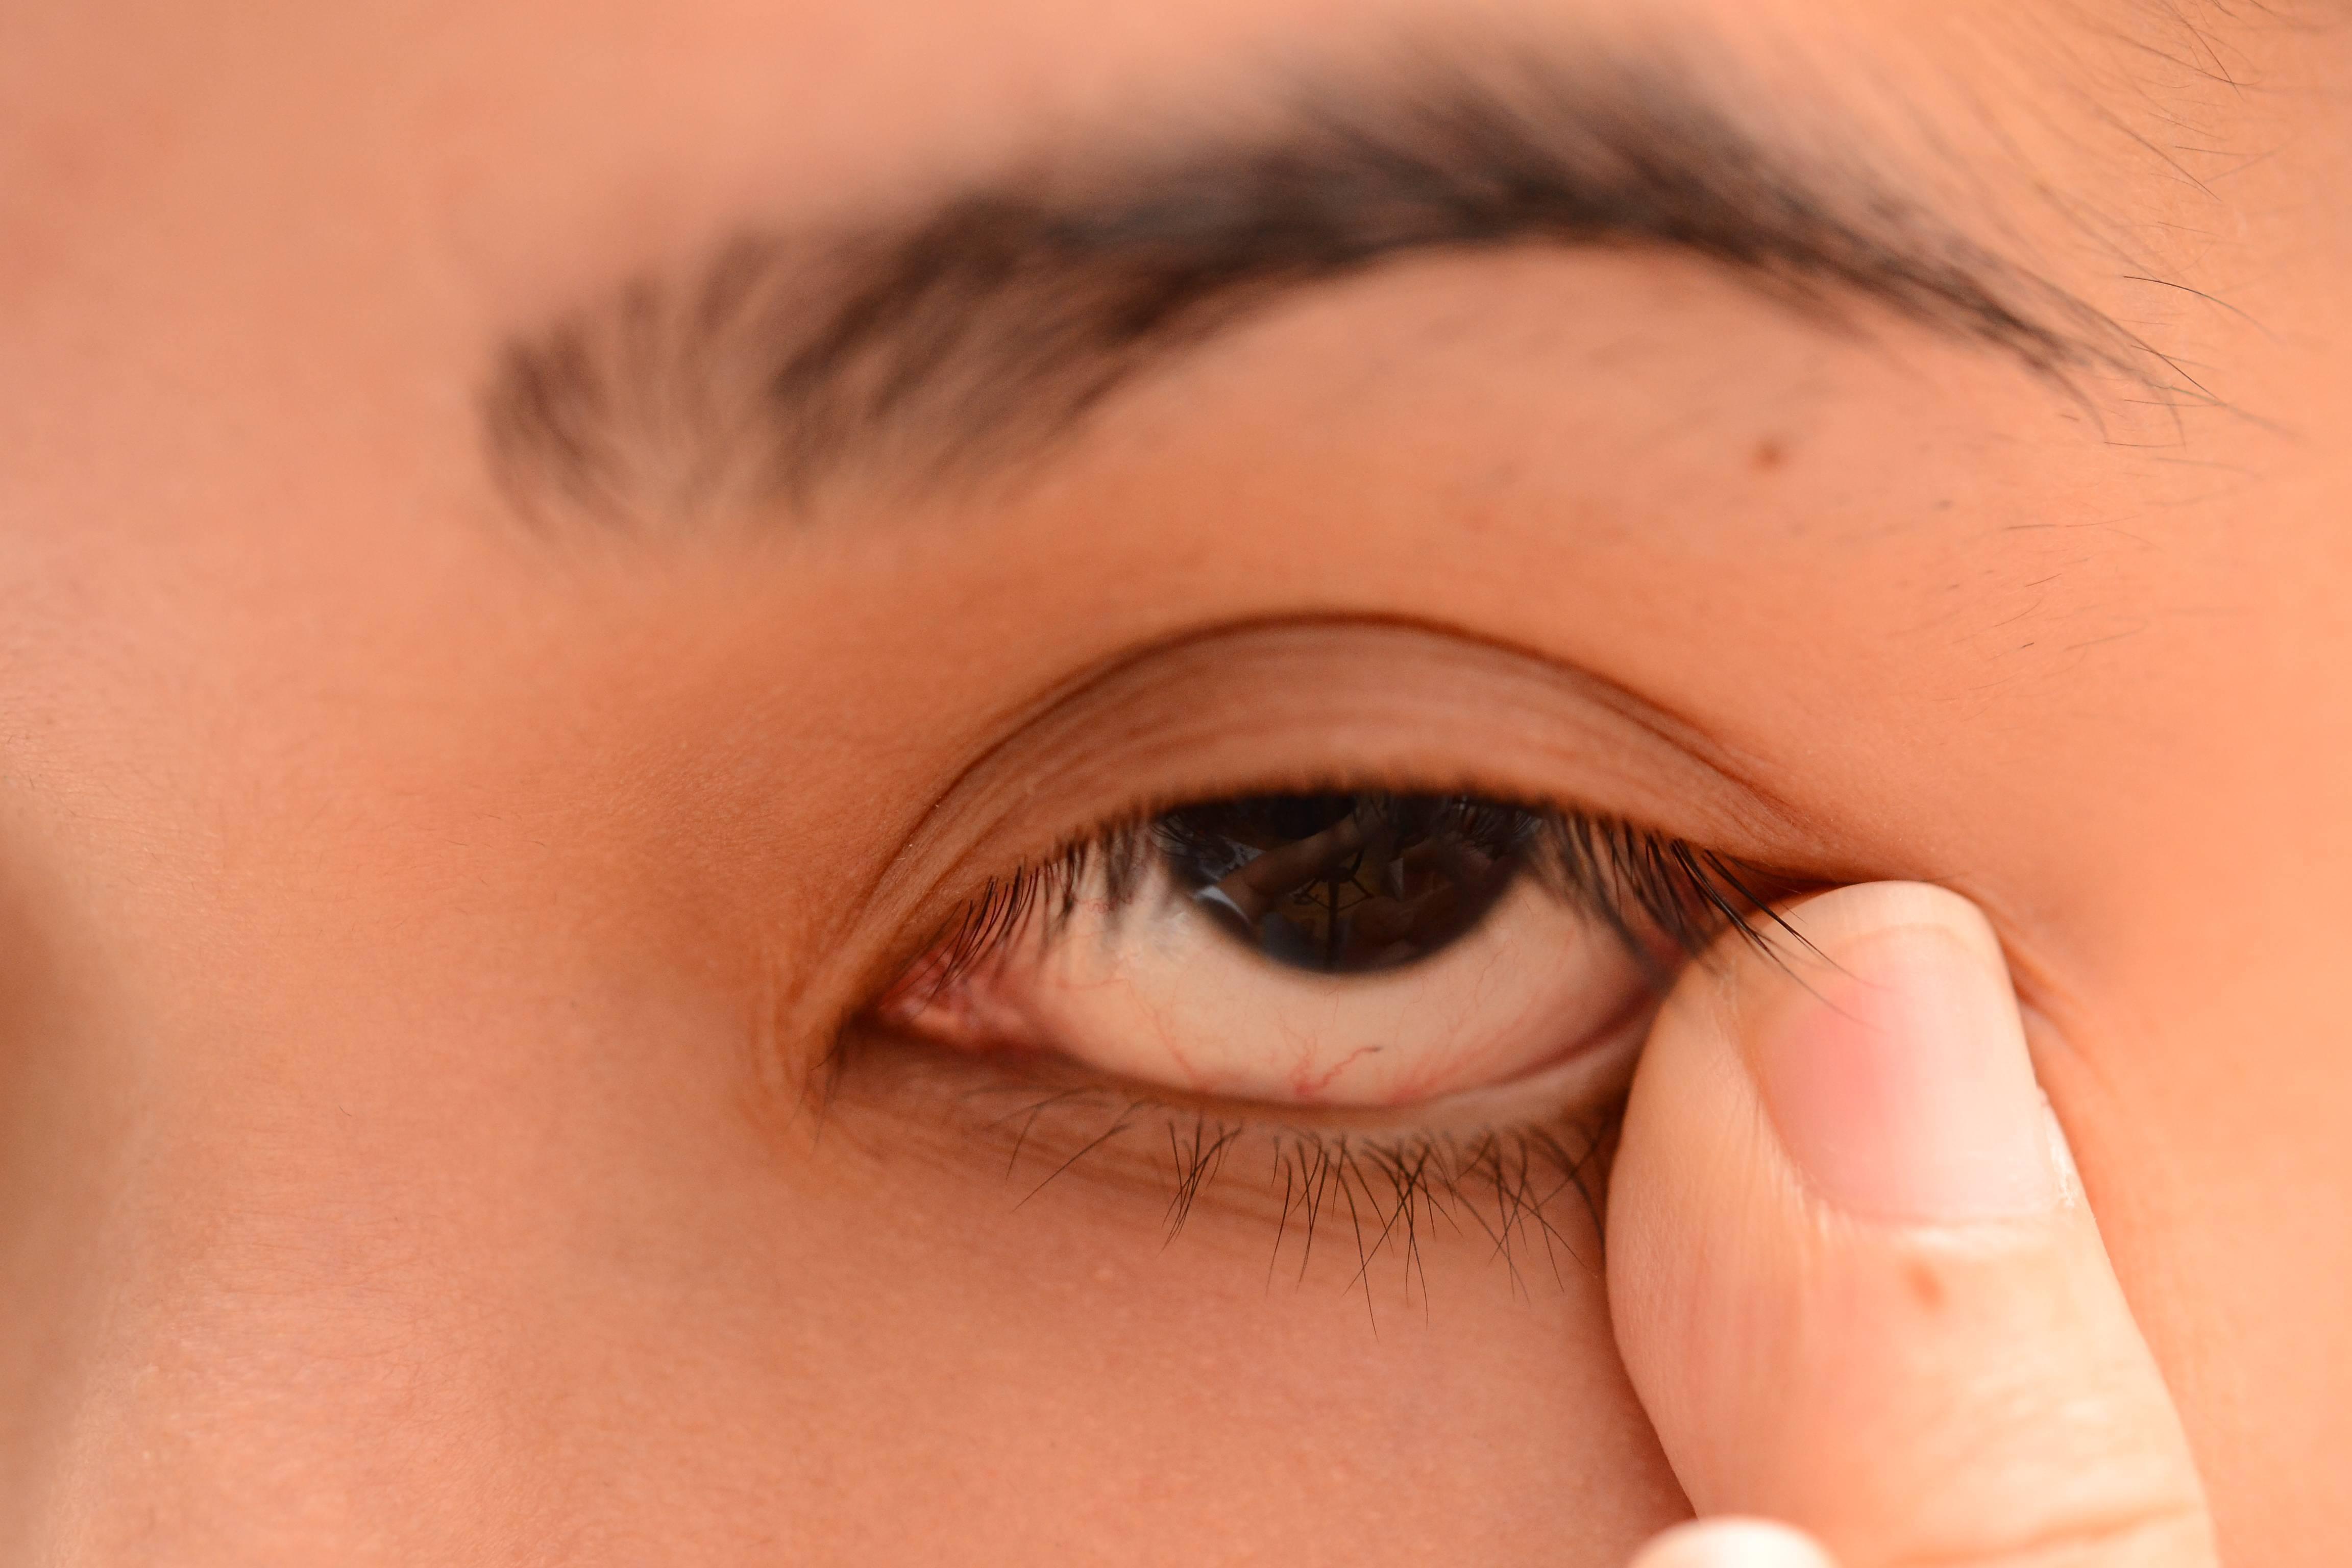 заговор против ячменя на глазу